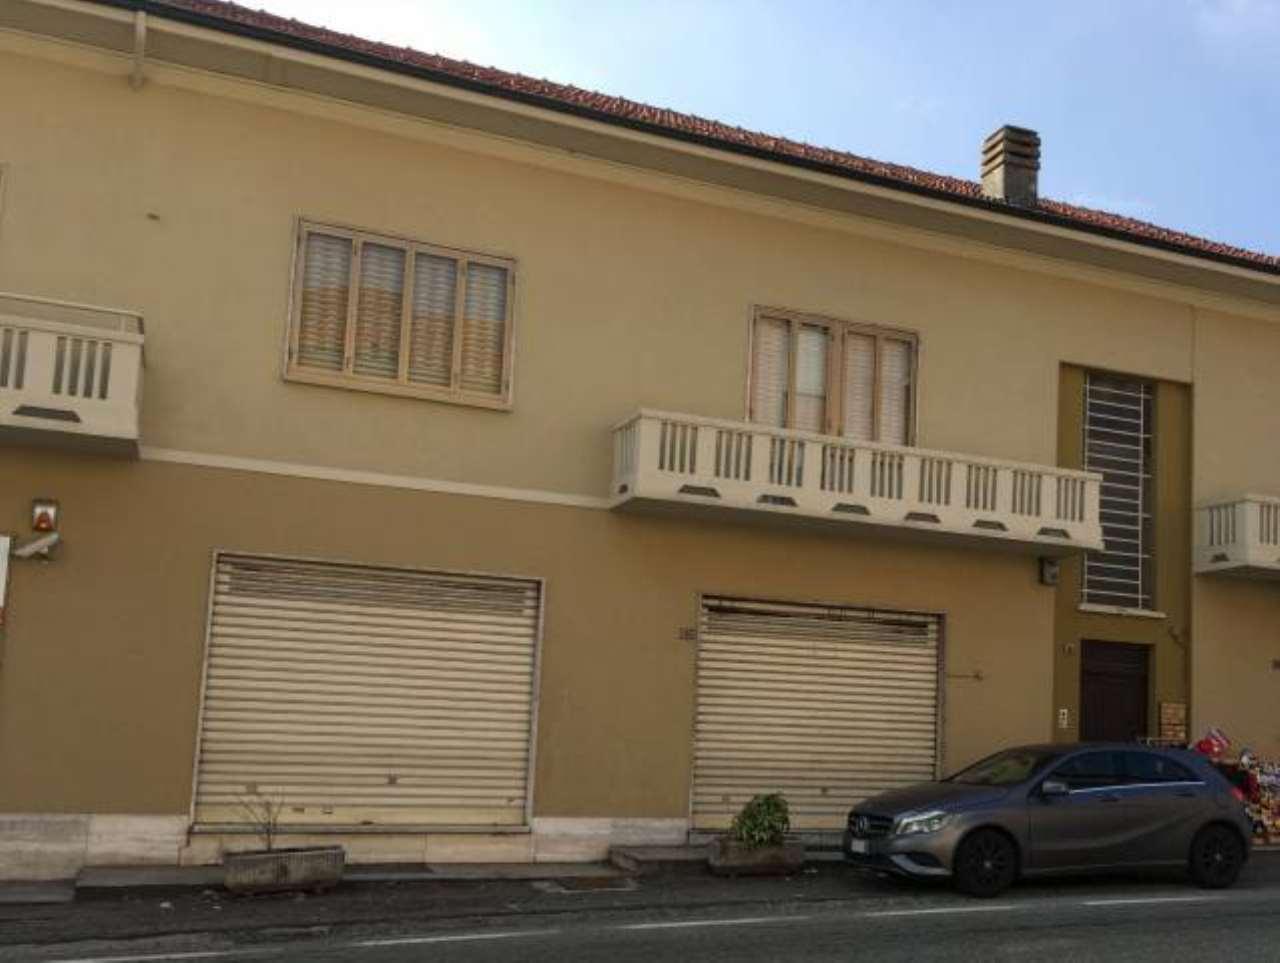 Negozio / Locale in vendita a Balangero, 6 locali, prezzo € 403.000 | CambioCasa.it